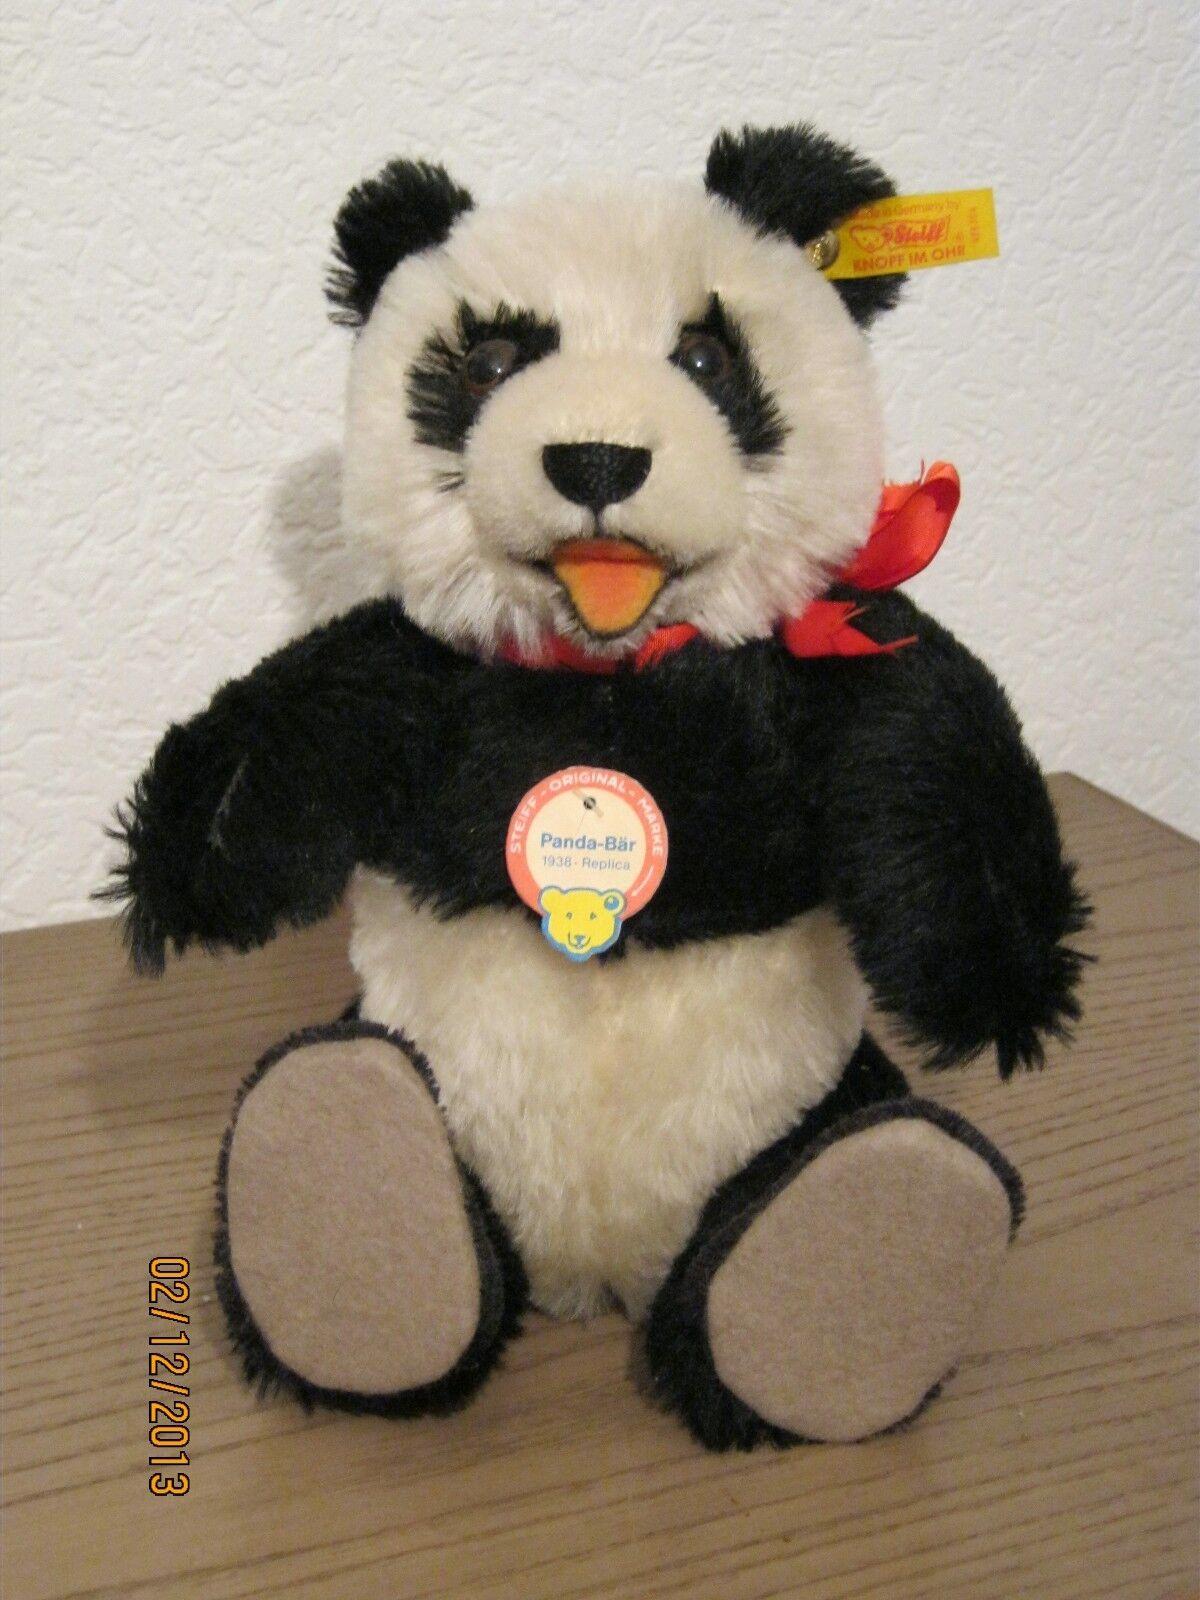 Steiff Panda-Bär, EAN 408 304, 408304